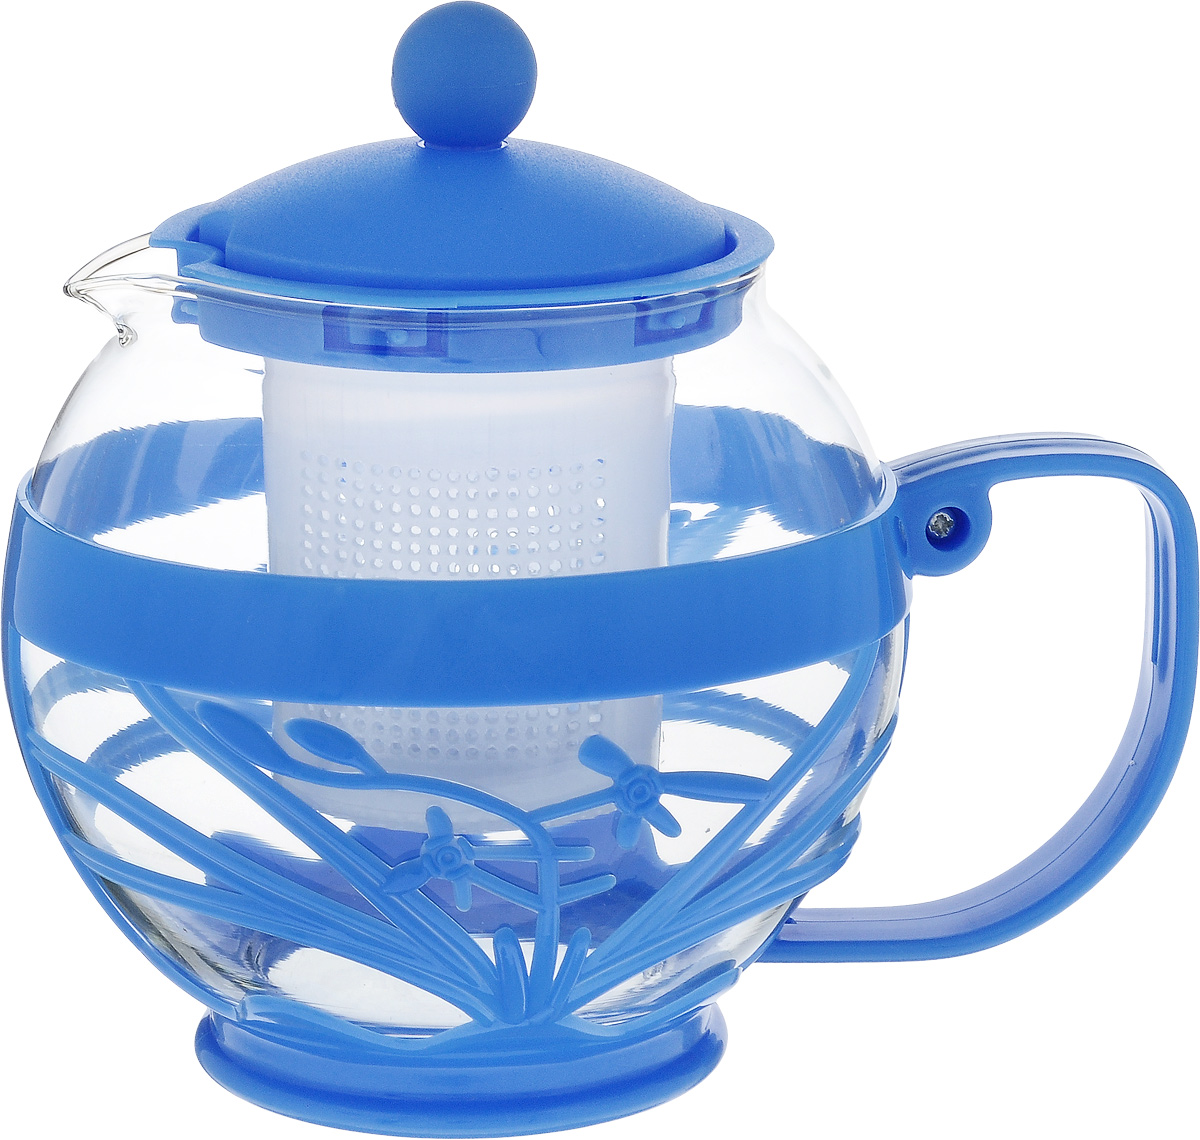 Чайник заварочный Wellberg Aqual, с фильтром, цвет: прозрачный, синий, 800 мл361 WBЗаварочный чайник Wellberg Aqual изготовлен из высококачественного пластика и жаропрочного стекла. Чайник имеет пластиковый фильтр и оснащен удобной ручкой. Он прекрасно подойдет для заваривания чая и травяных напитков. Такой заварочный чайник займет достойное место на вашей кухне.Высота чайника (без учета крышки): 11,5 см.Высота чайника (с учетом крышки): 14 см. Диаметр (по верхнему краю) 7 см.